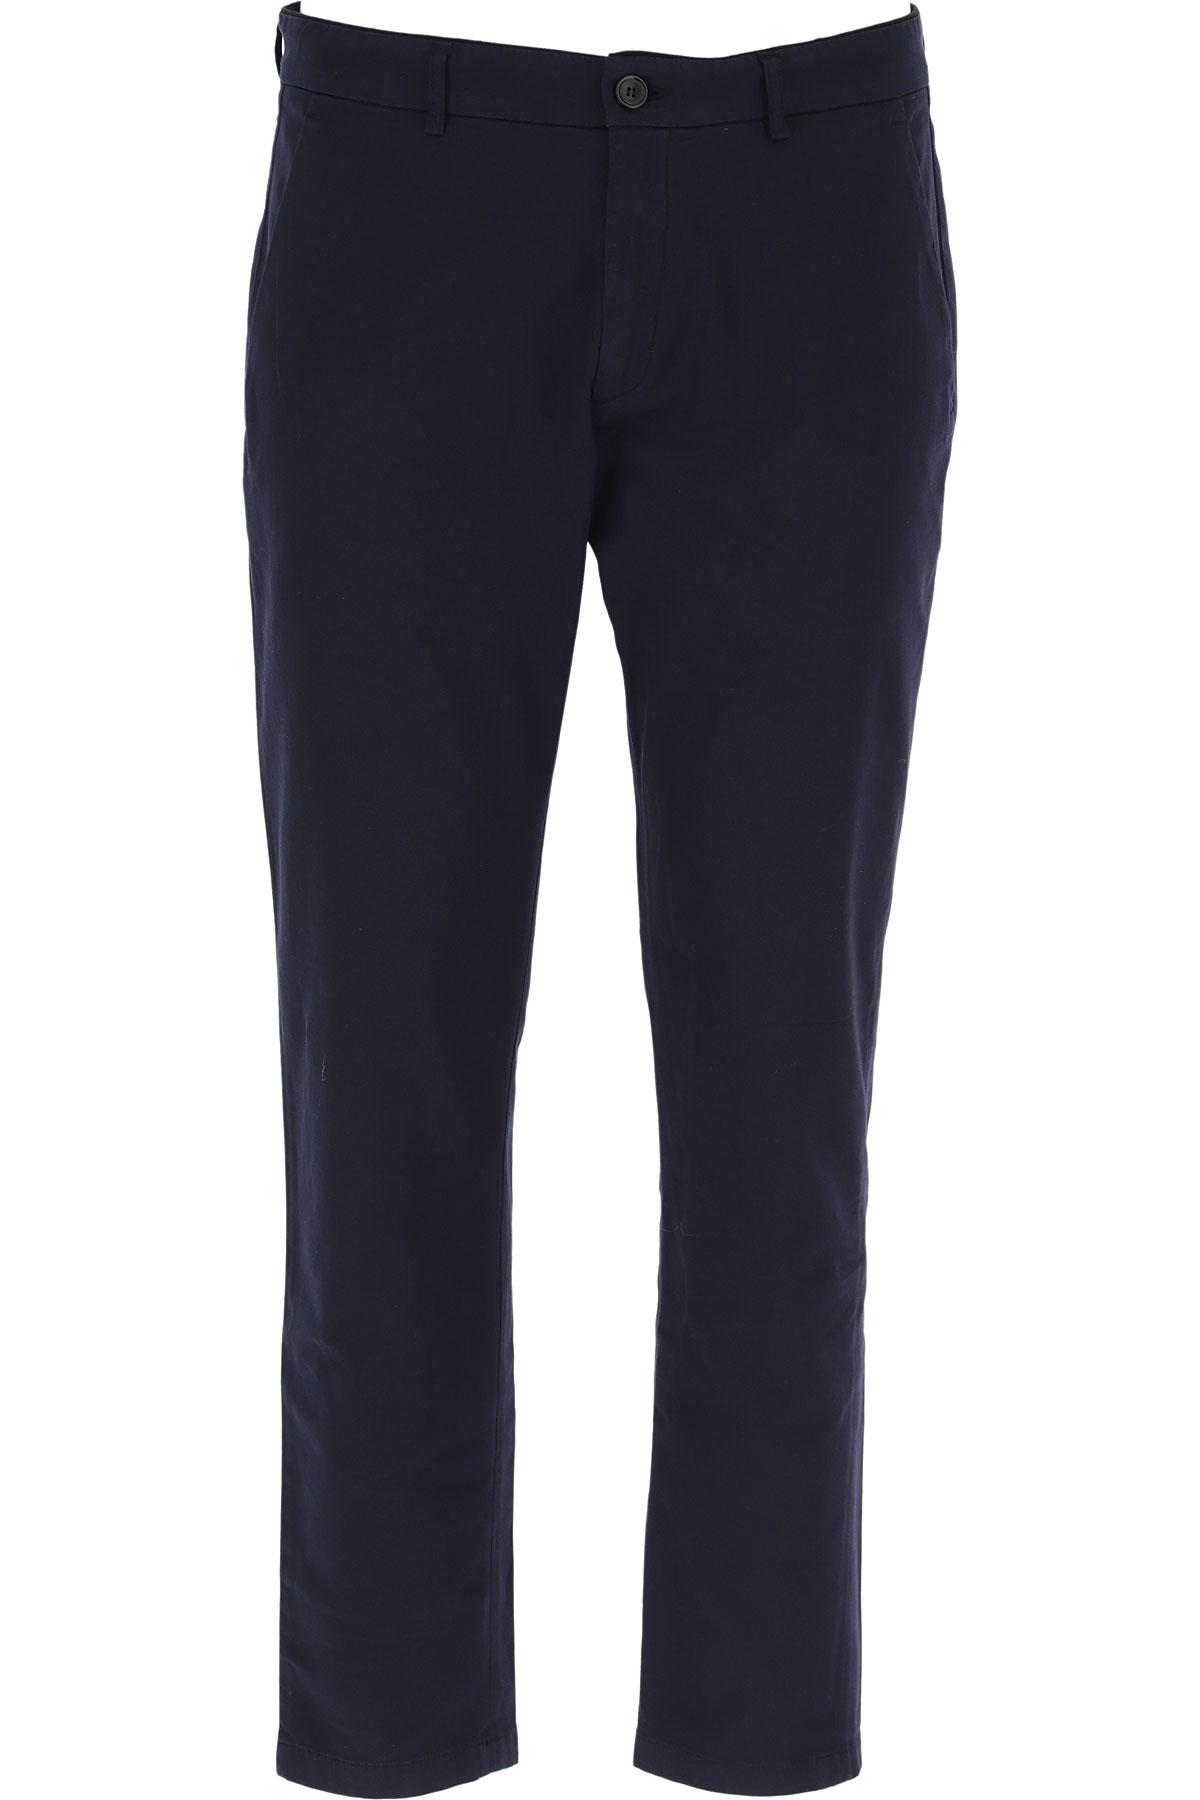 Department Five Pants for Men On Sale, navy, Cotton, 2019, 31 32 33 34 35 36